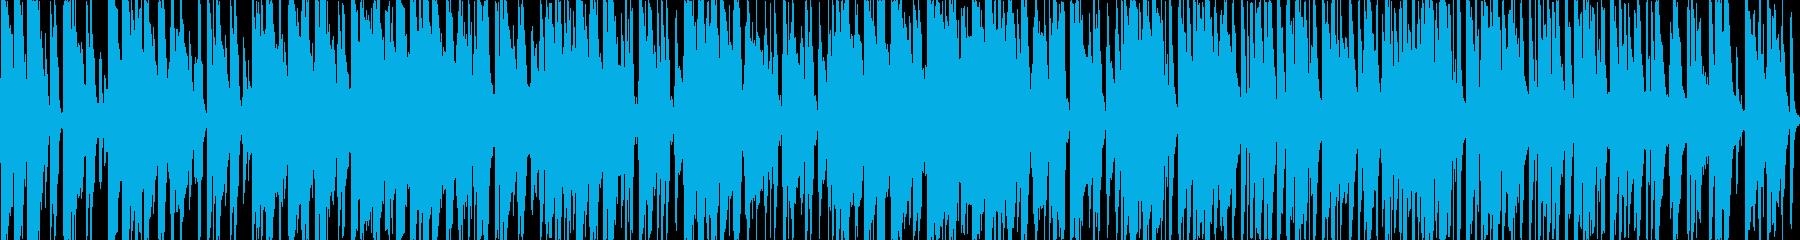 猫系のほのぼのした明るく軽快なループ曲の再生済みの波形